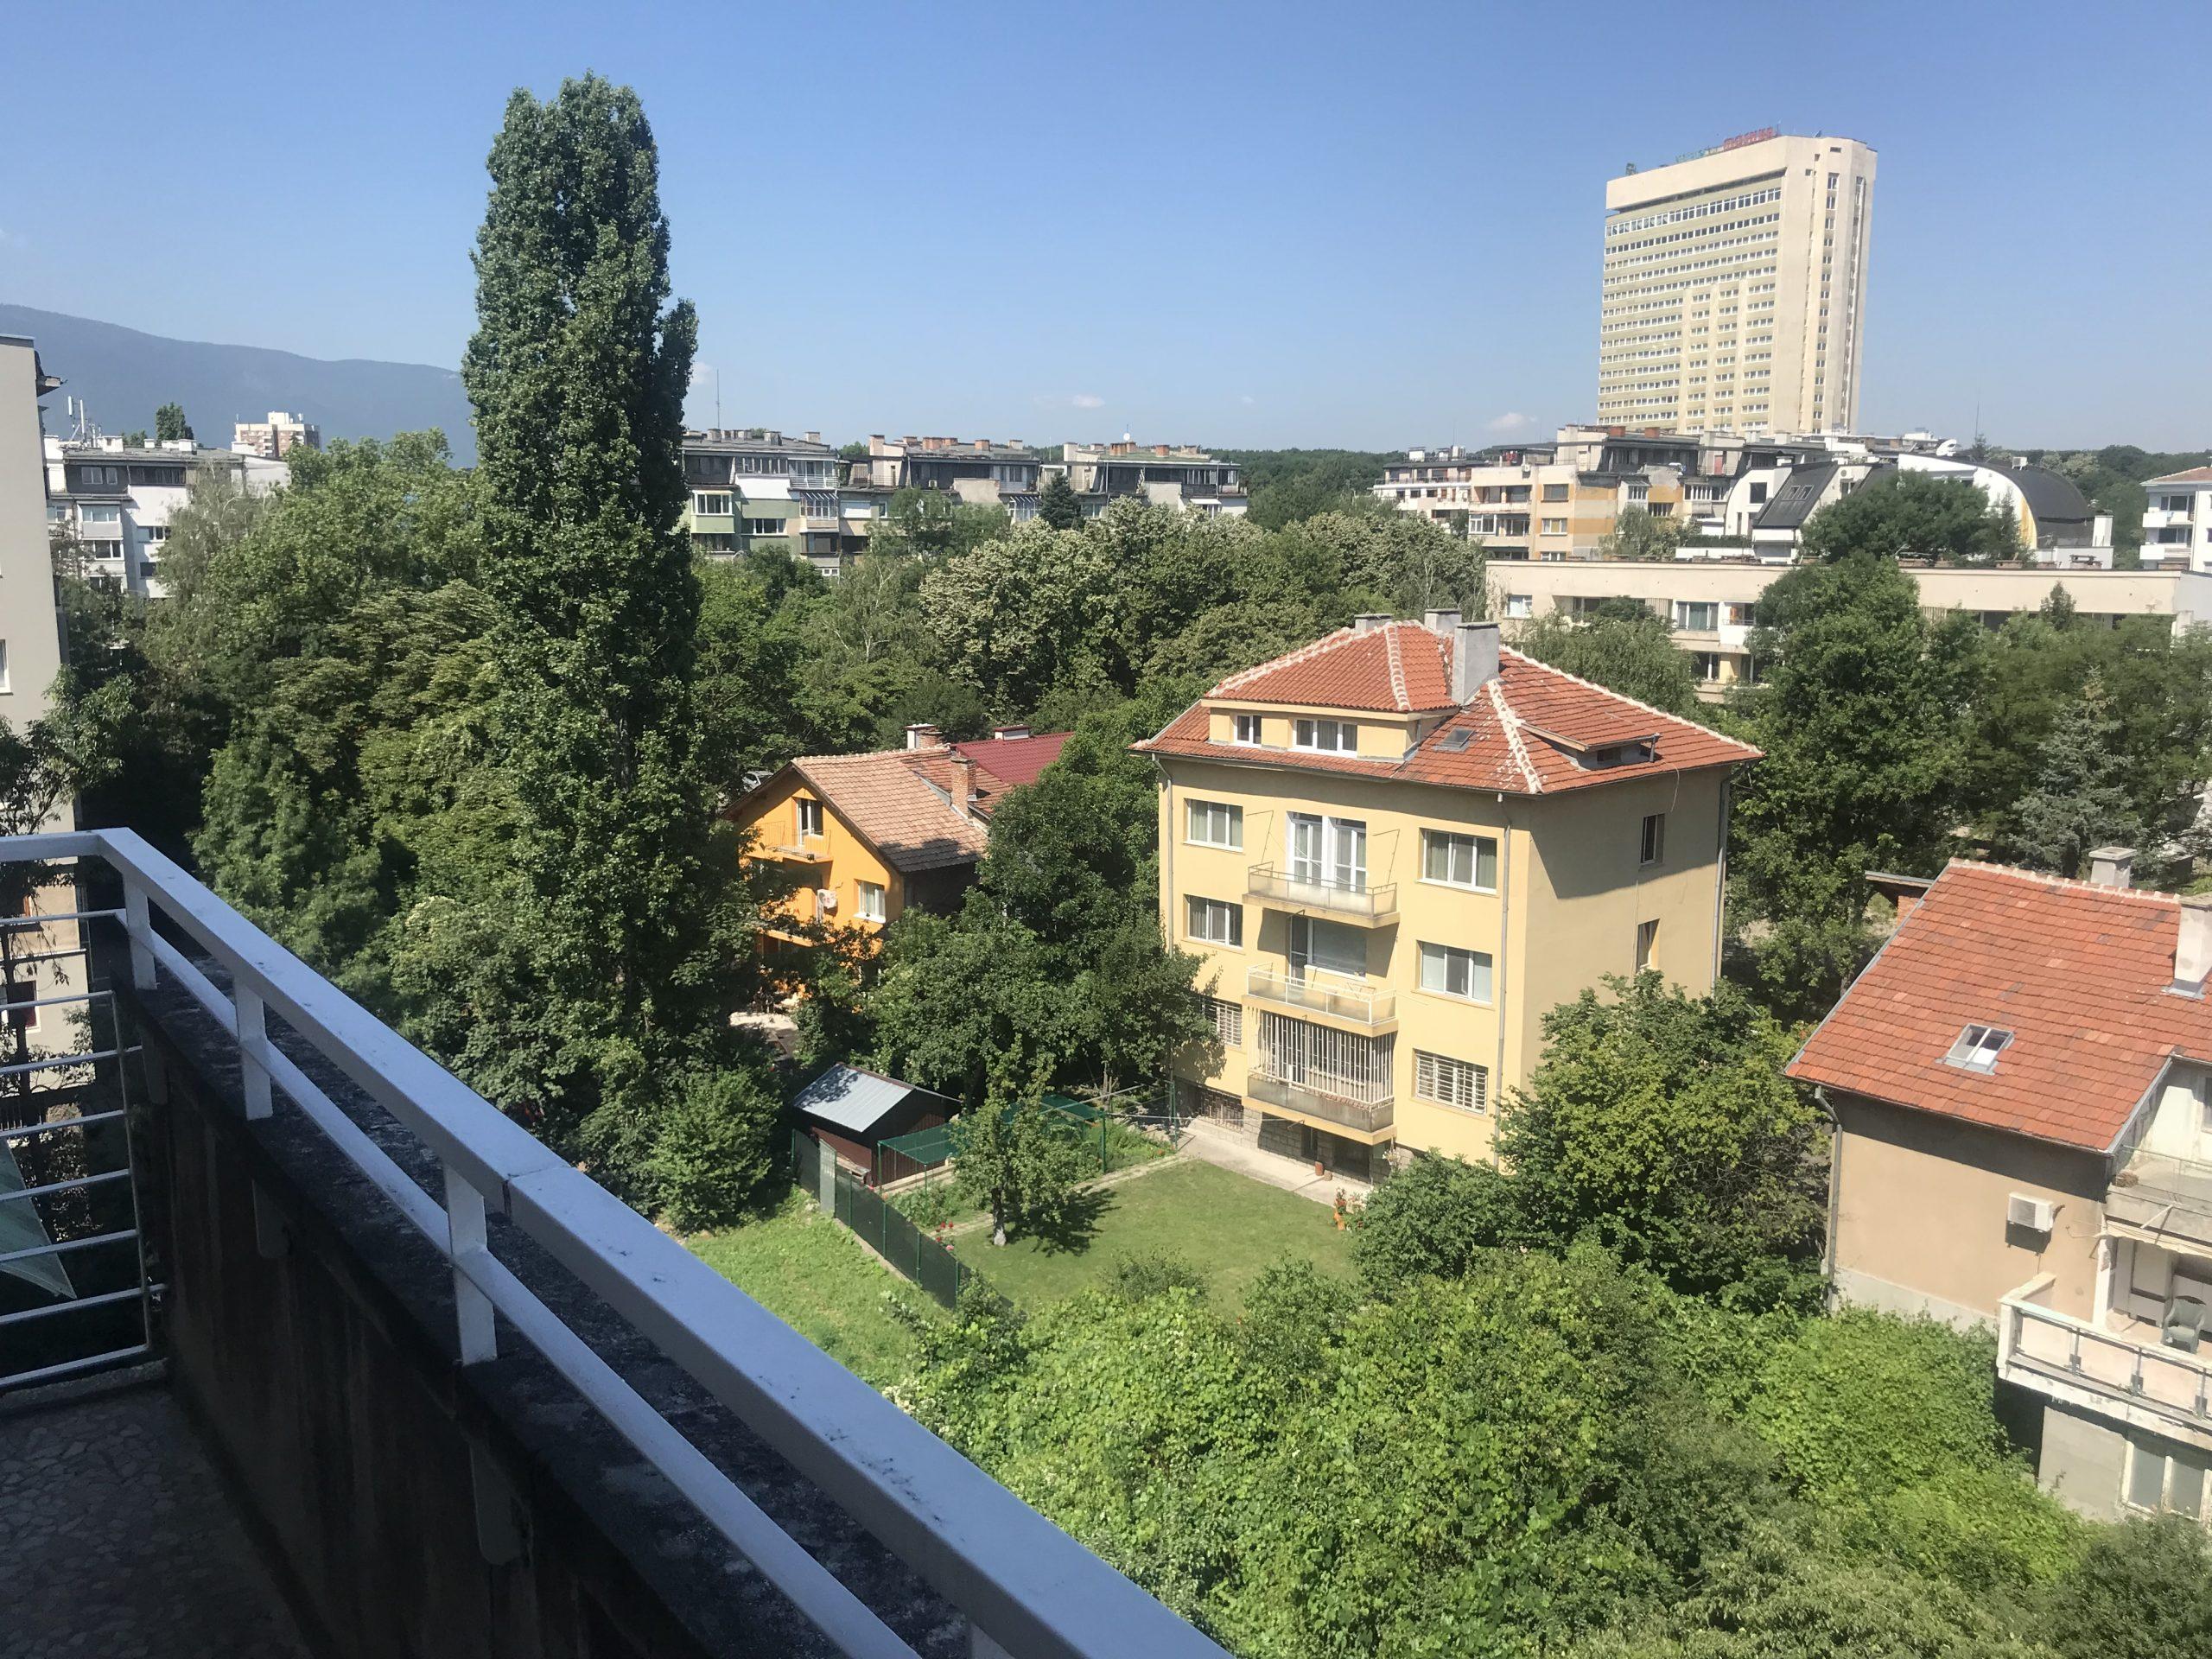 Многостаен апартамент под наем, кв. Изток, София